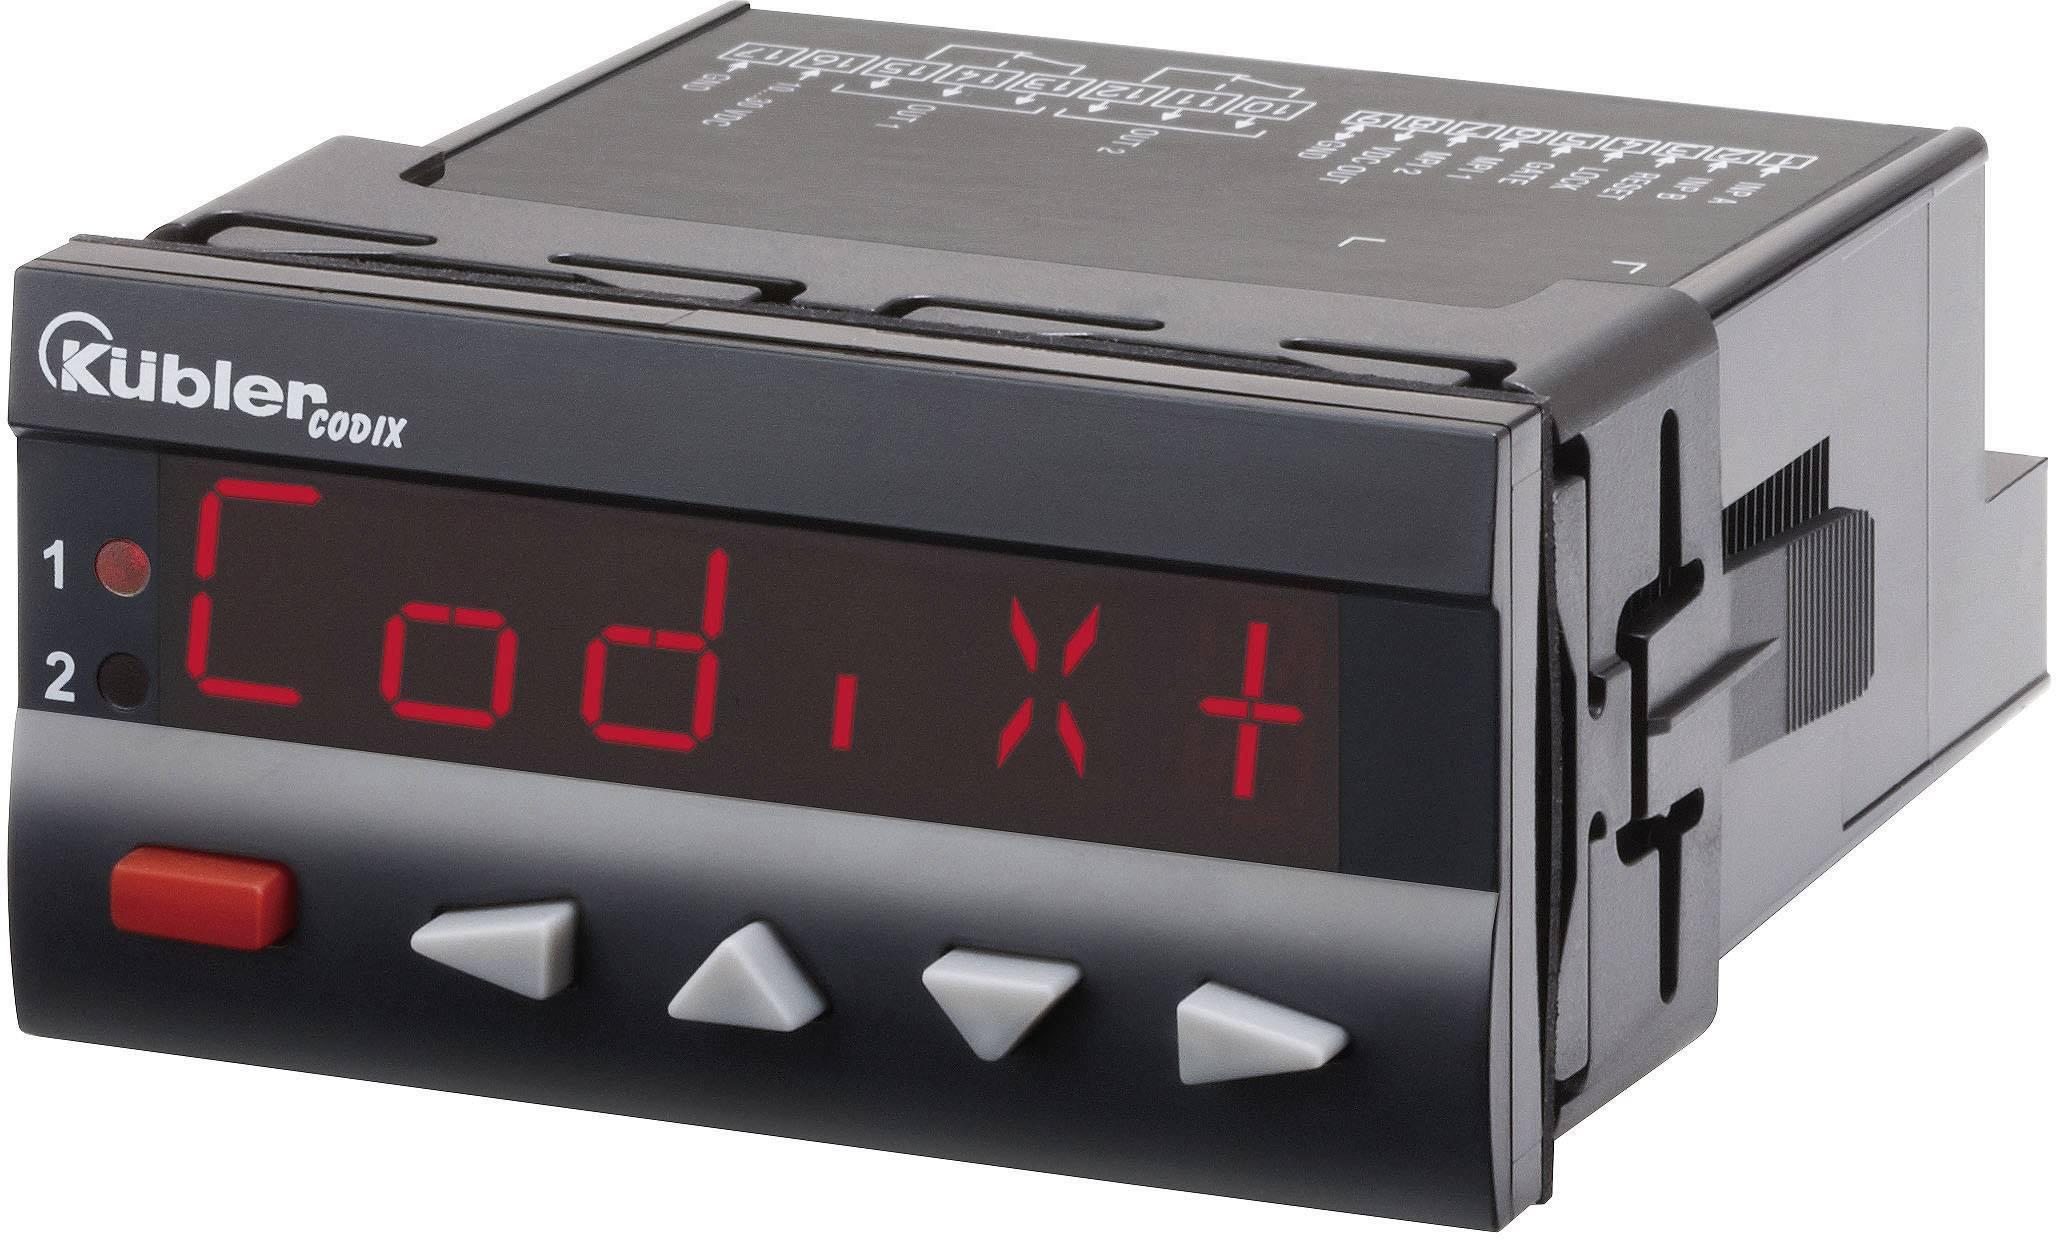 Čítač s predvoľbou Kübler Codix 560 DC, RS485, 10 - 30 V/DC